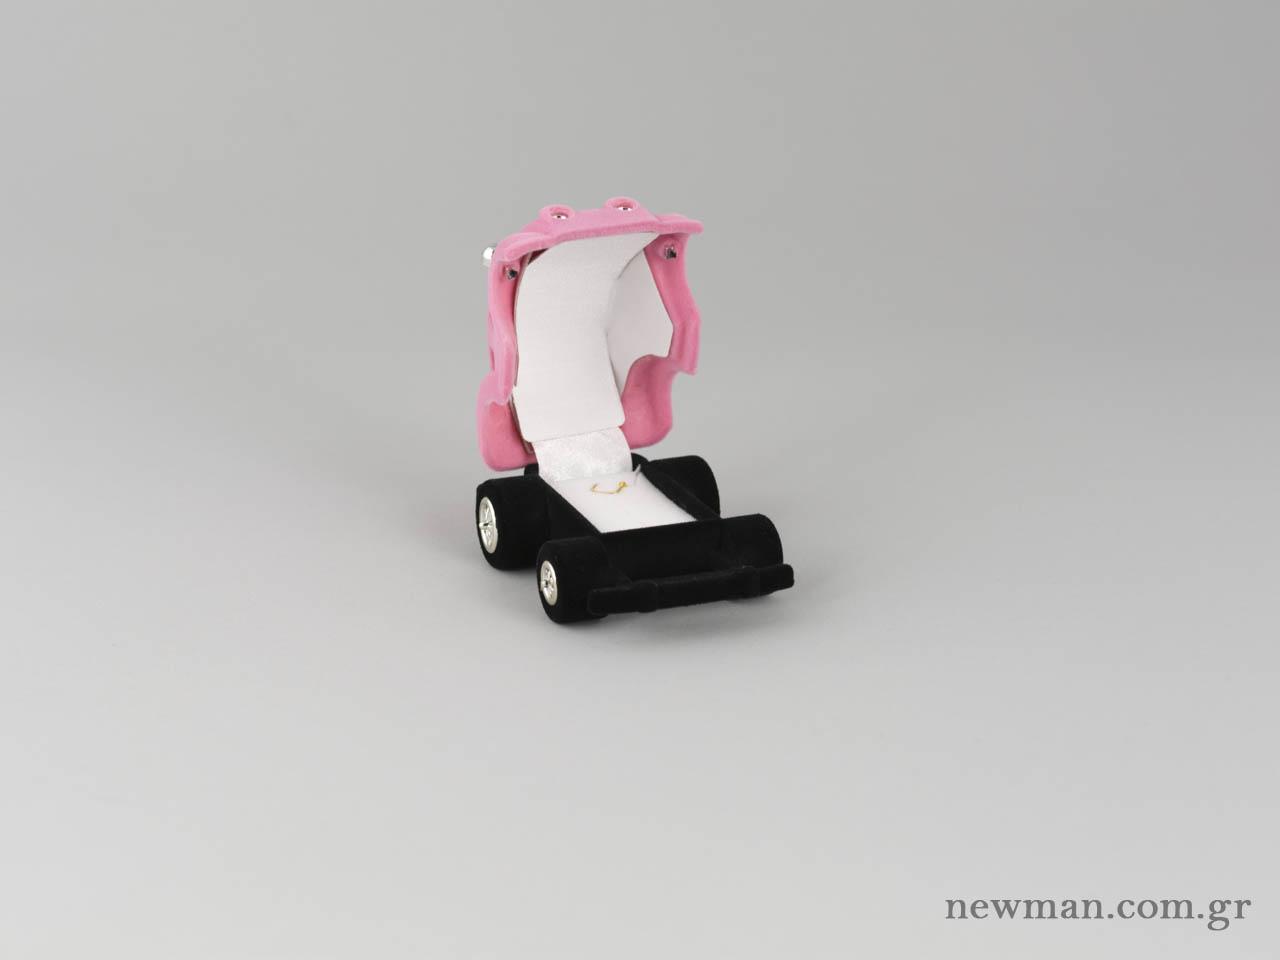 Κουτιά για παιδικό δαχτυλίδι σε ροζ χρώμα. Διαθέτει και κρίκο για φυλαχτό και μενταγιόν